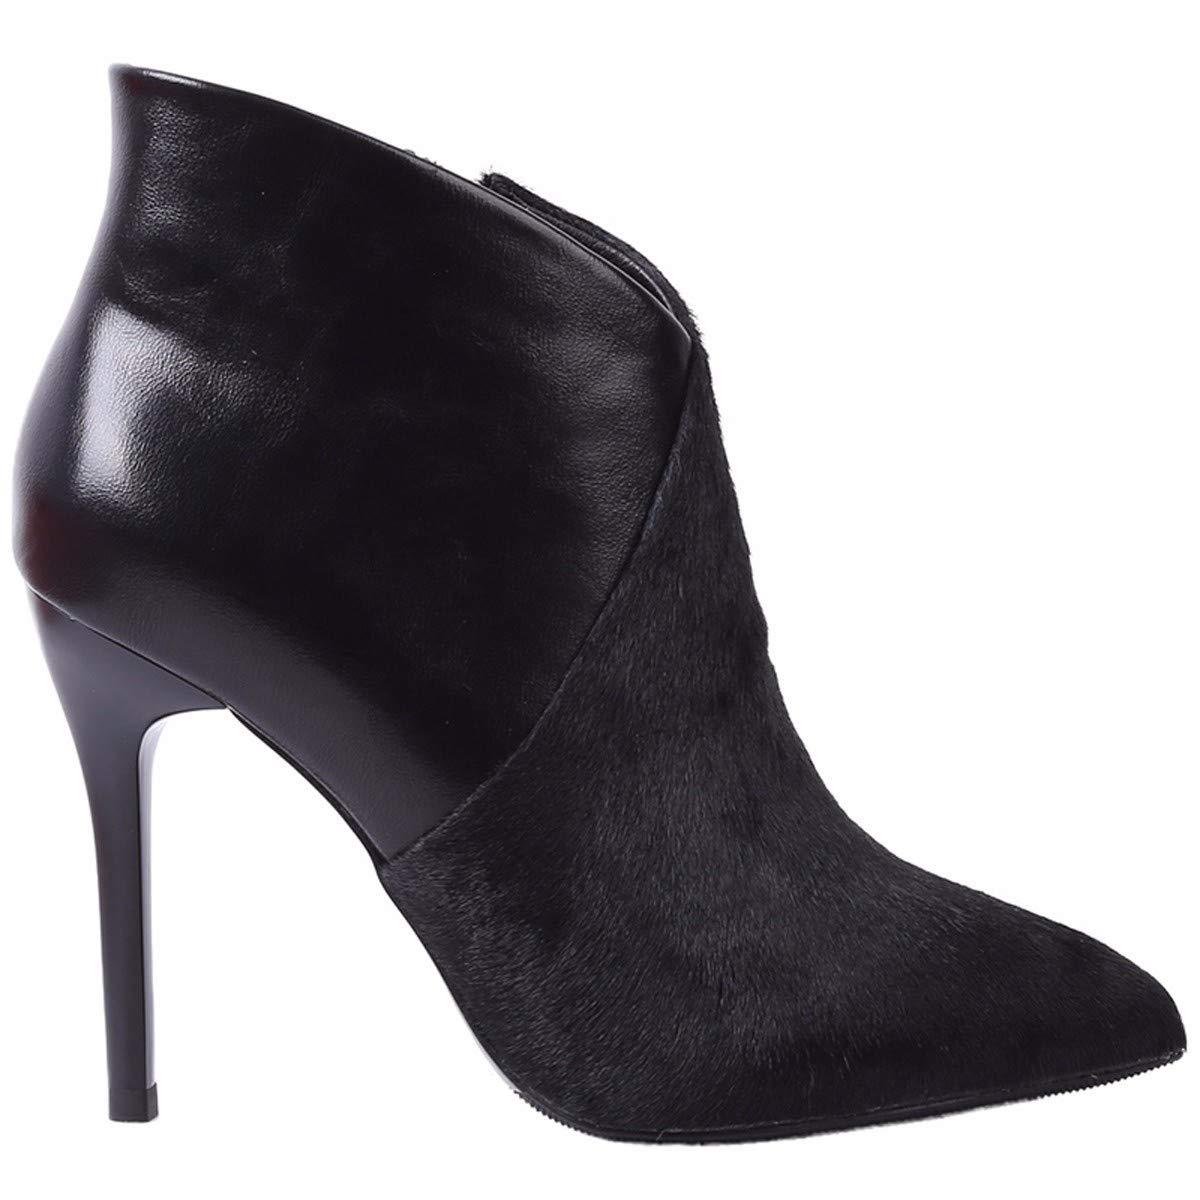 KPHY Damenschuhe Schuhe Infiziert Stiefel Hochhackigen Schuhe Damenschuhe Mit Größe Höher ALS 8 cm Sexy Spitze Martin Stiefel Dünn Und Dünner Stiefel Ohne Stiefel. 7aef53